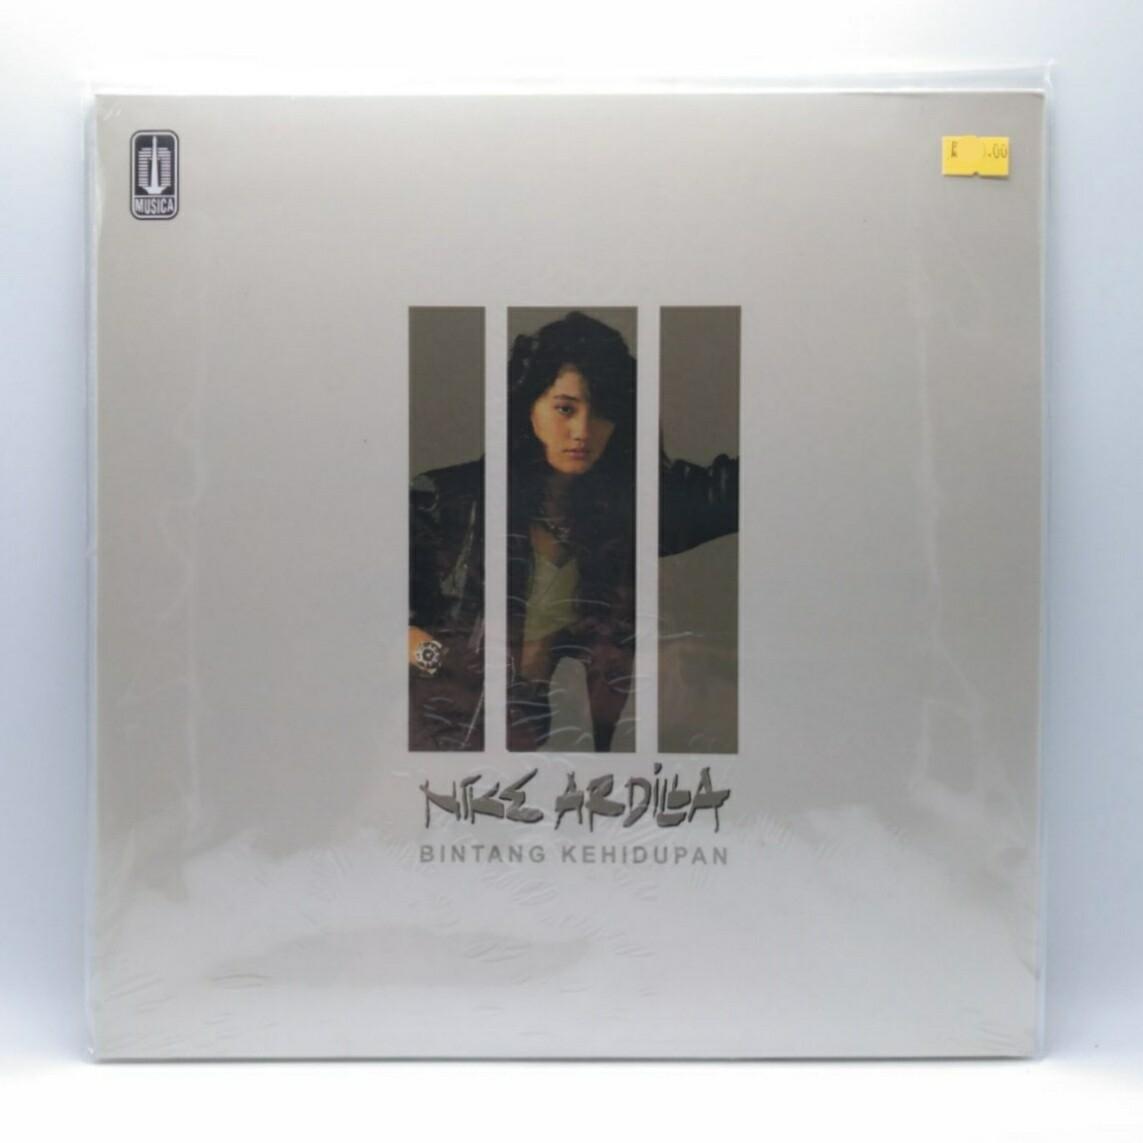 NIKE ARDILLA -BINTANG KEHIDUPAN- LP